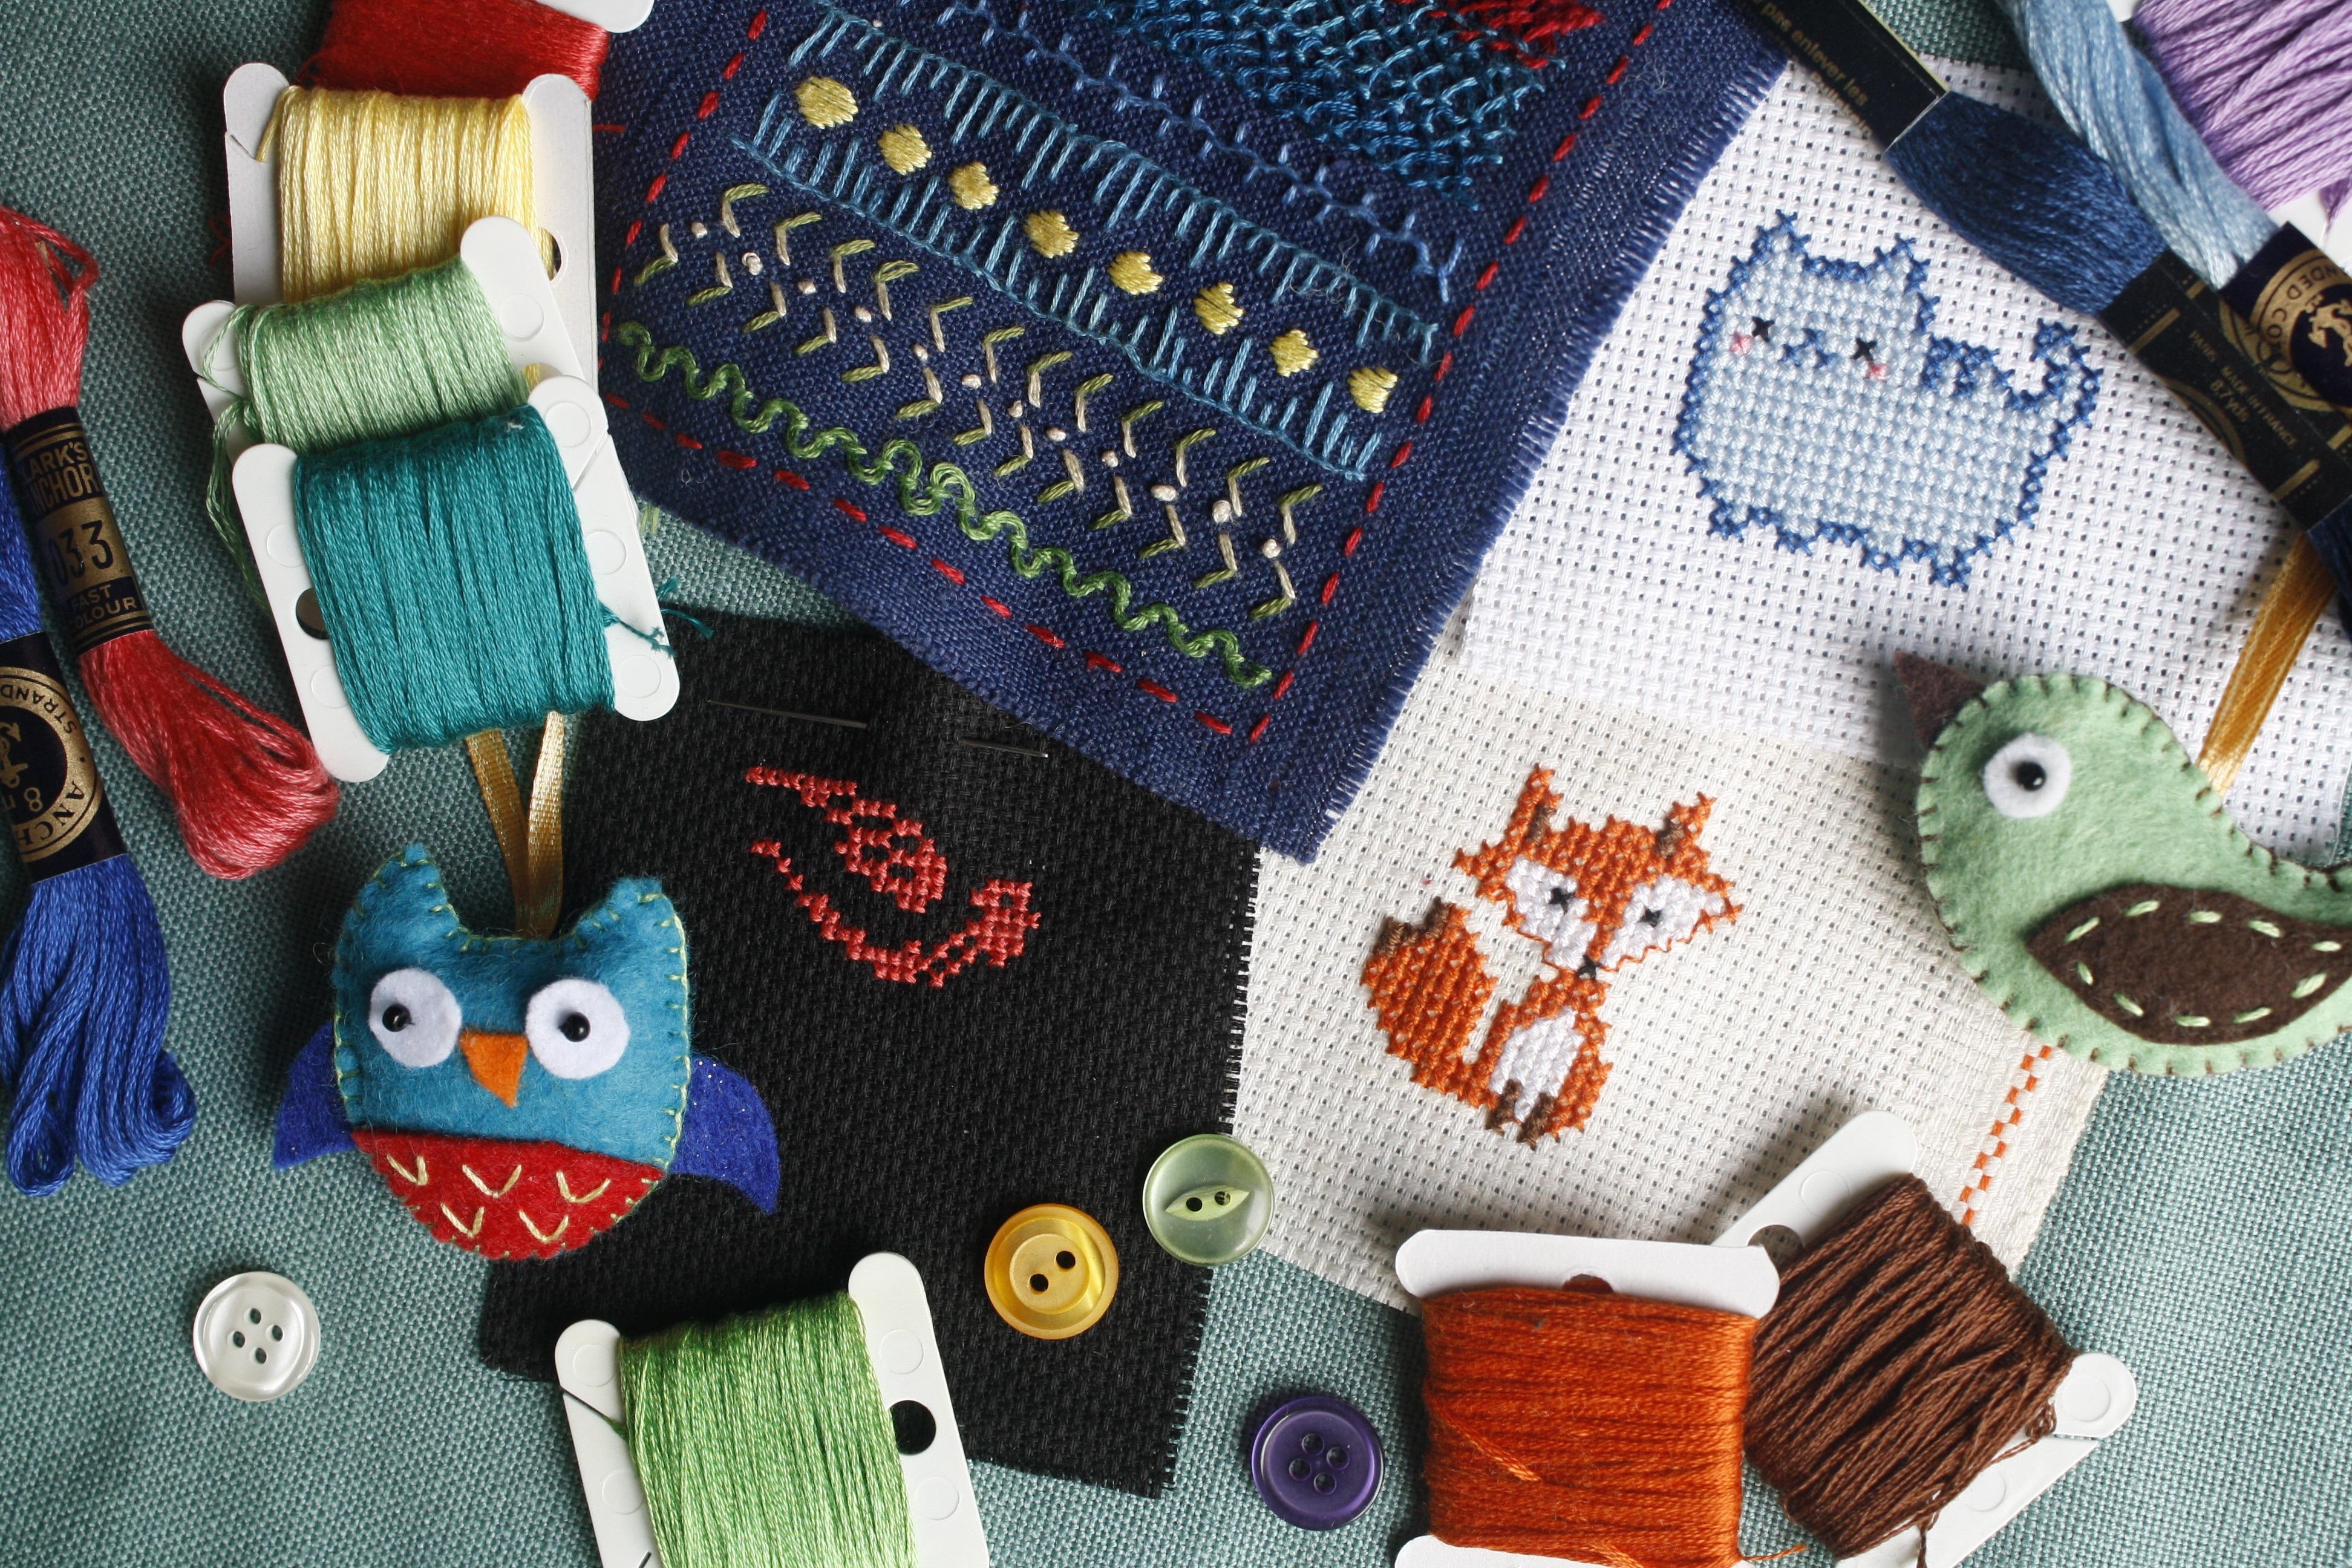 Fotos gratis : patrón, arte, de coser, hilo, tejer, tejido de punto ...